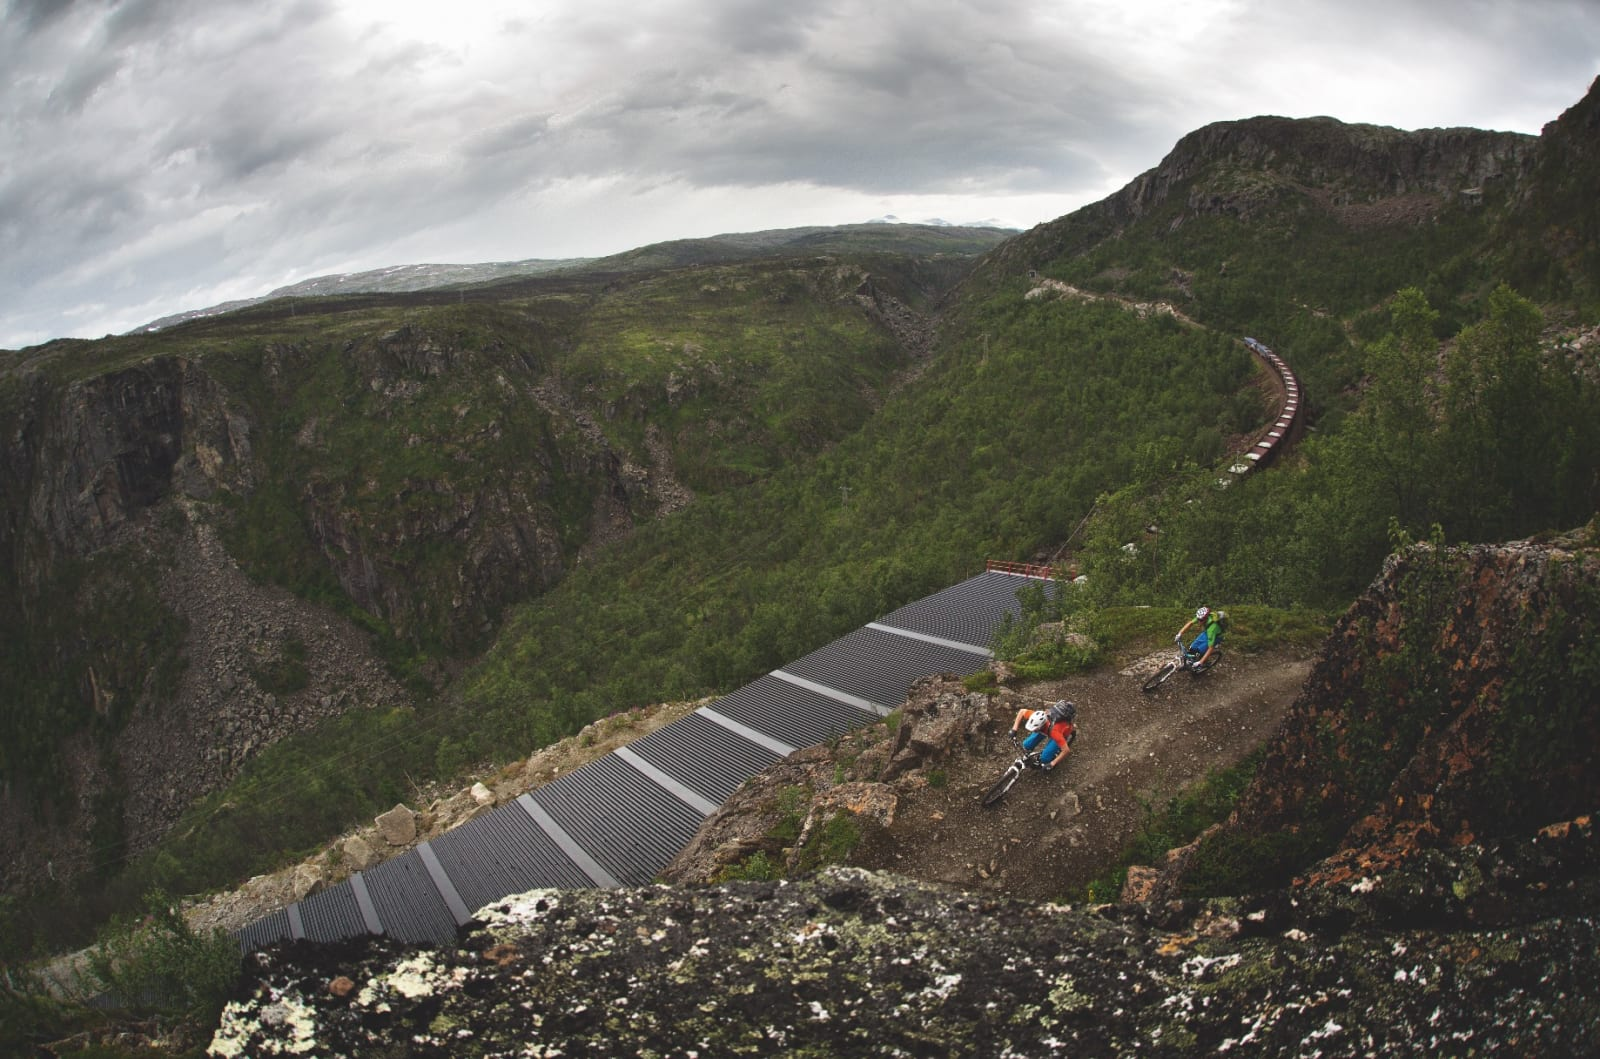 PÅ KANTEN: Rallarvegen ned til Rombaksbotn byr på utsikt. Sture Pettersen og Remi Einås setter svingen over malmtoget fra Kiruna.